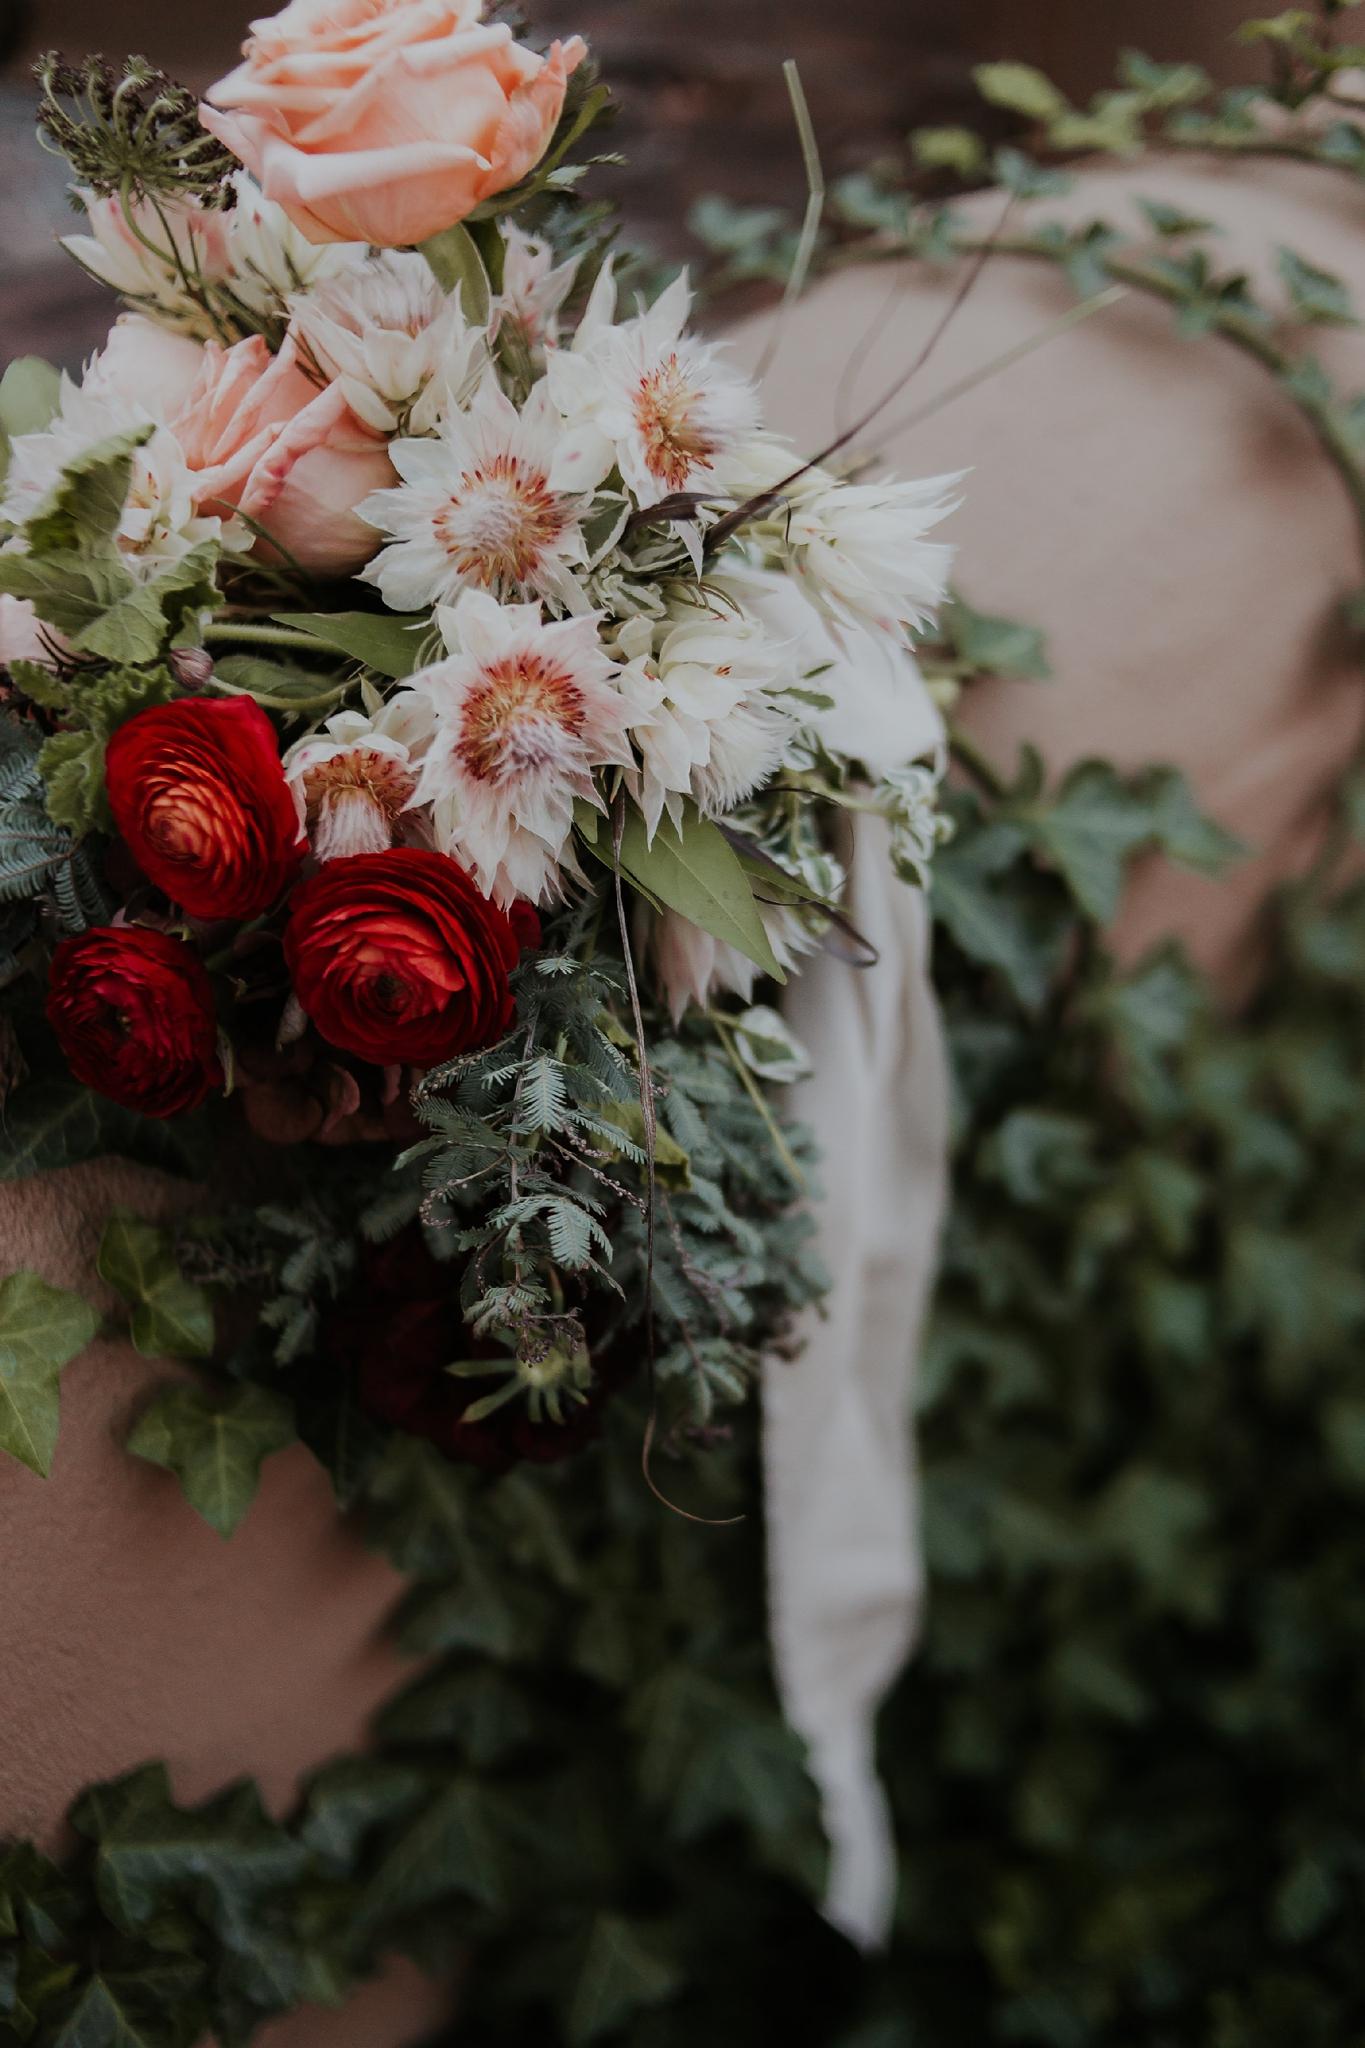 Alicia+lucia+photography+-+albuquerque+wedding+photographer+-+santa+fe+wedding+photography+-+new+mexico+wedding+photographer+-+new+mexico+florist+-+wedding+florist+-+renegade+floral_0086.jpg